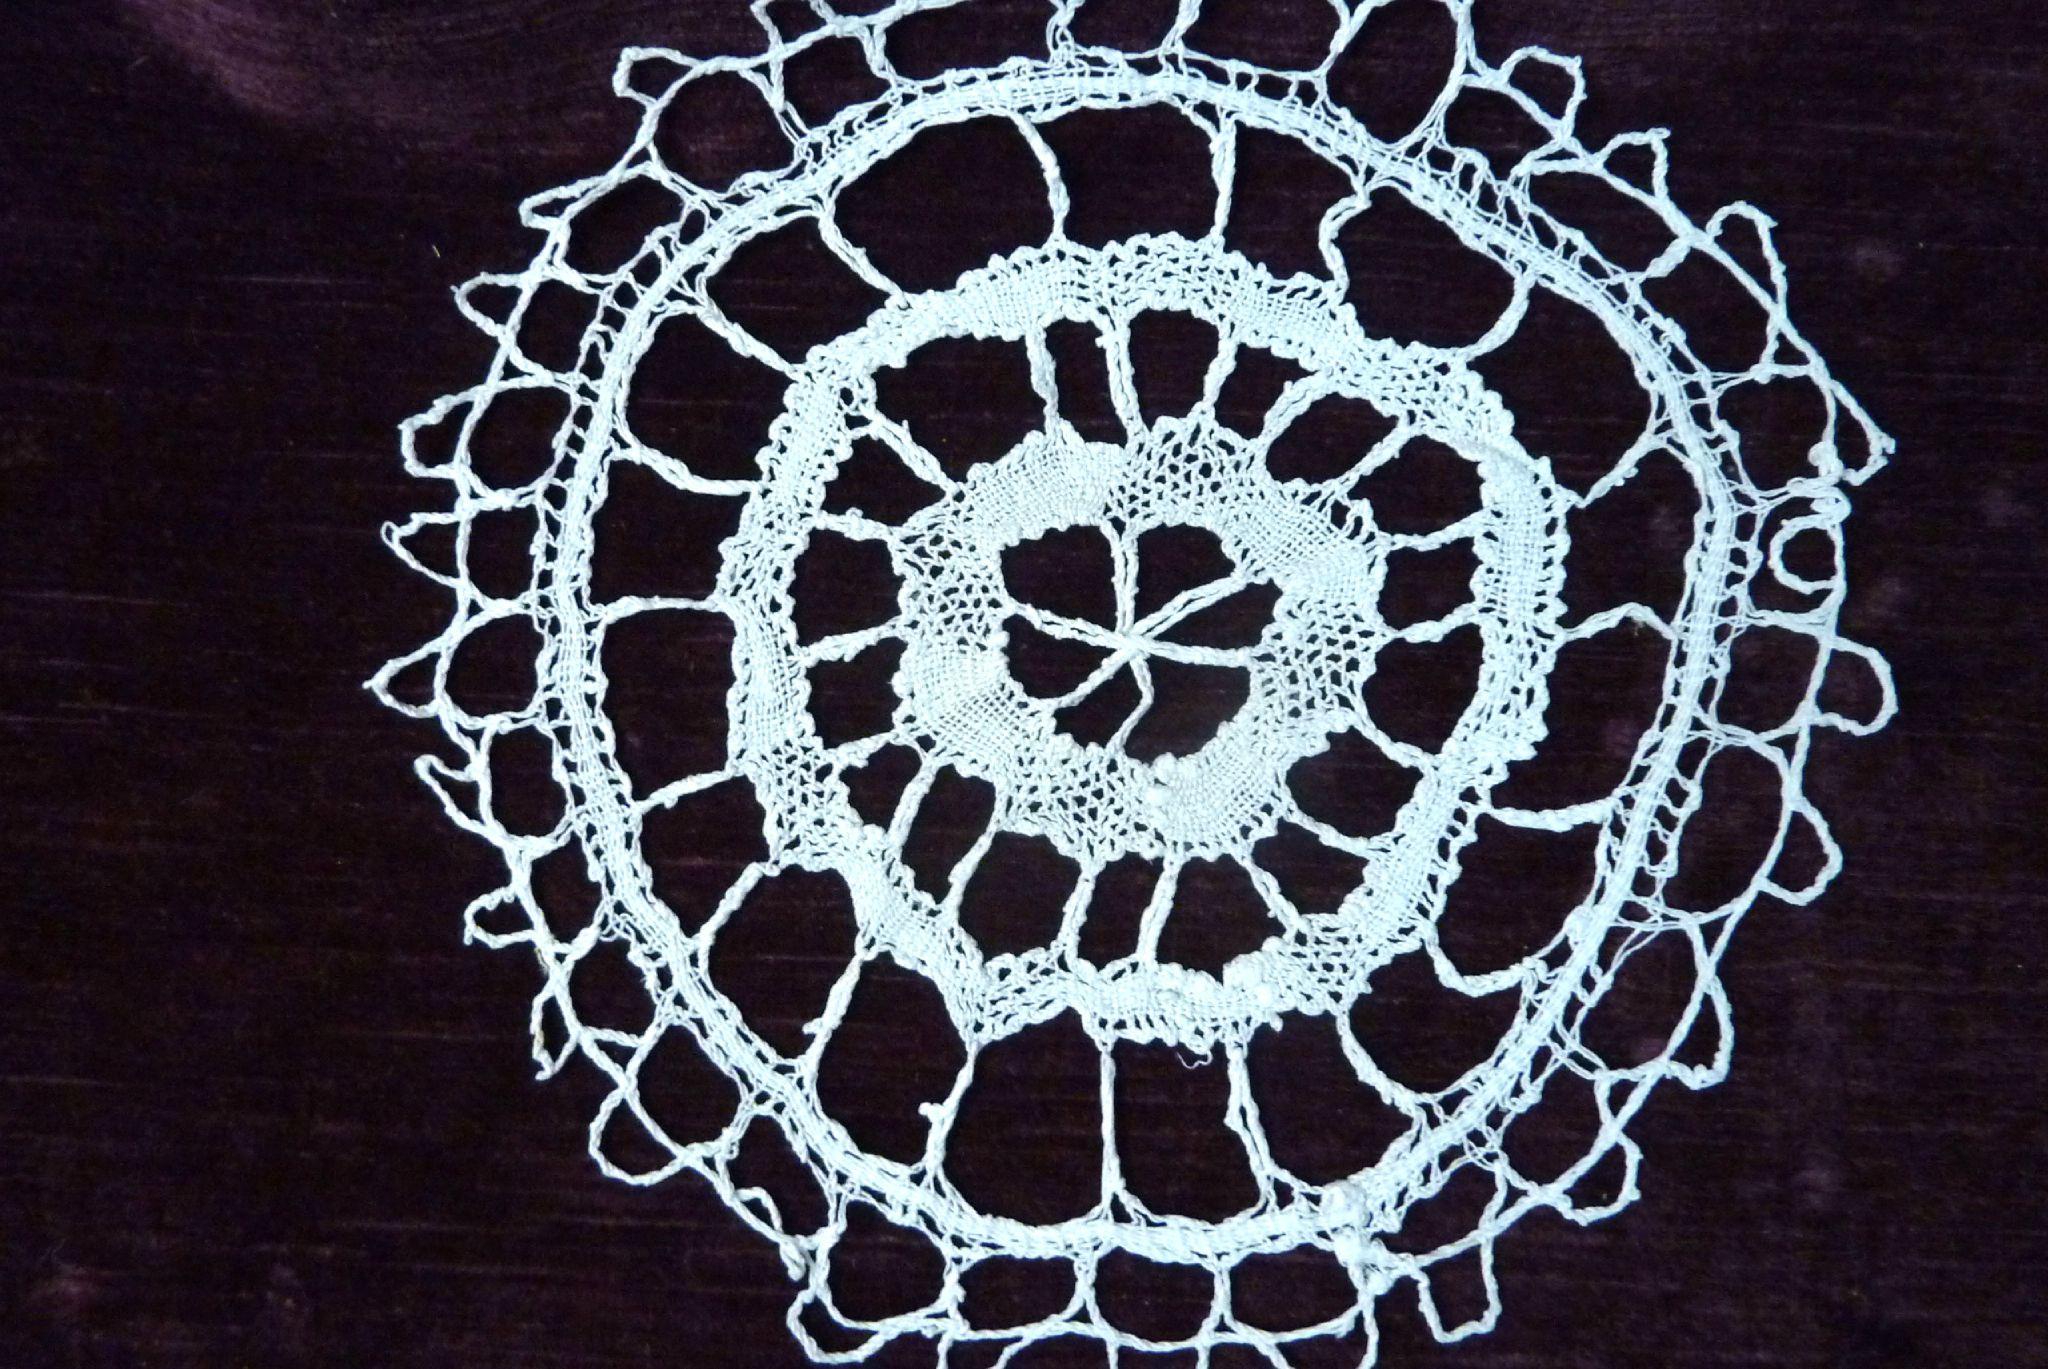 Grand Napperon Au Crochet concernant 851 - grand napperon dentelle aux fuseaux - l'univers textile des